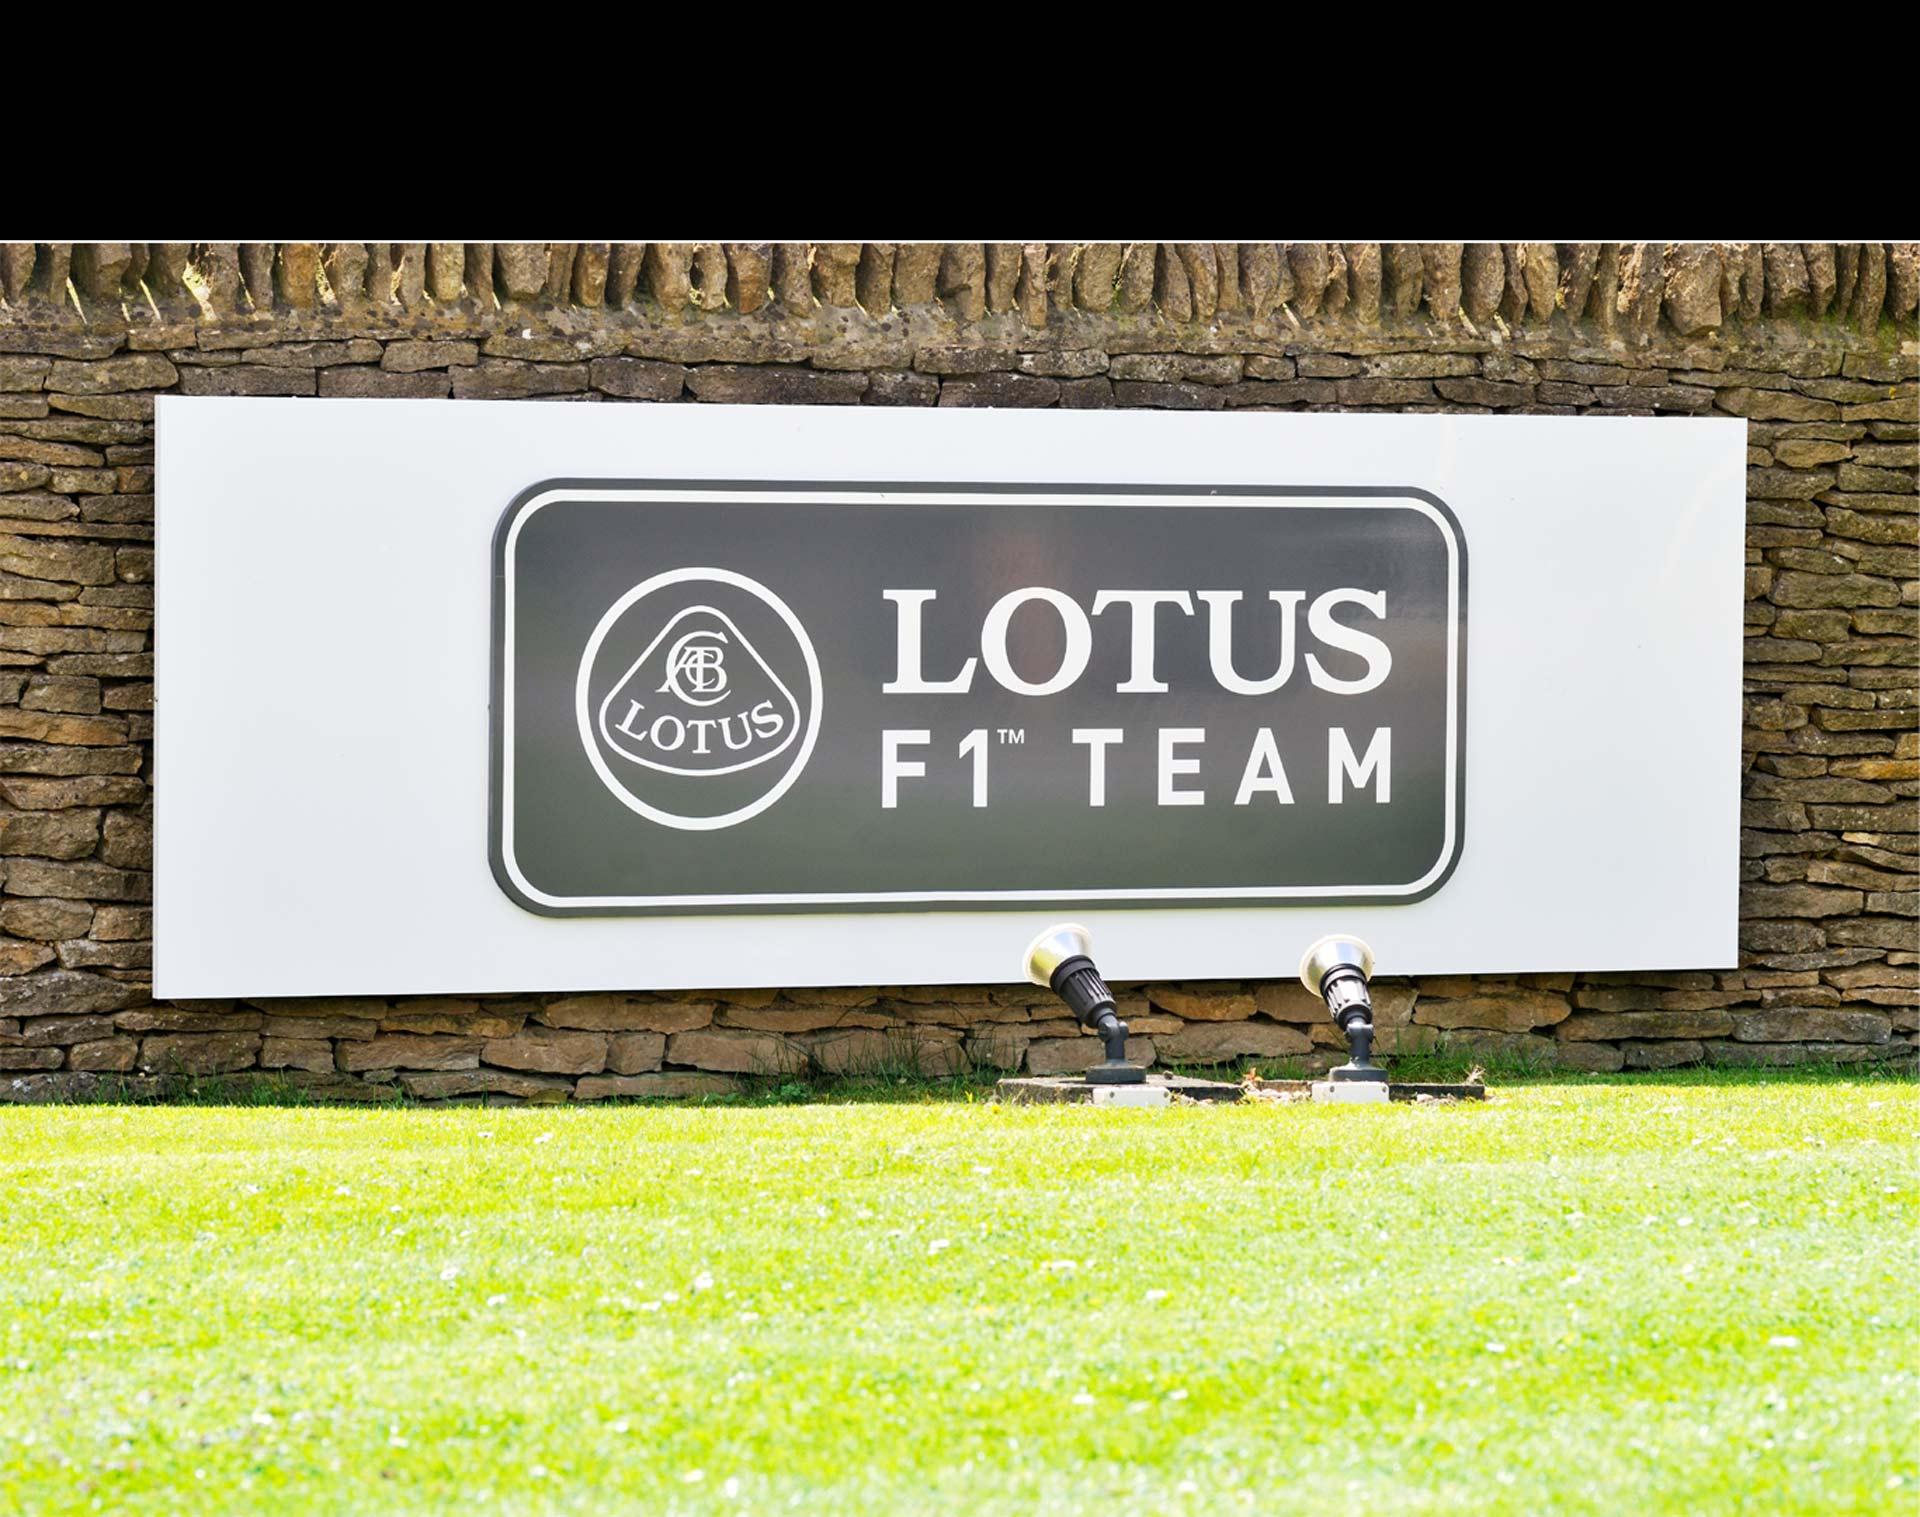 La firma francesa compró la escudería de Fórmula 1. El piloto venezolano Pastor Maldonado ya había firmado su continuidad en el equipo